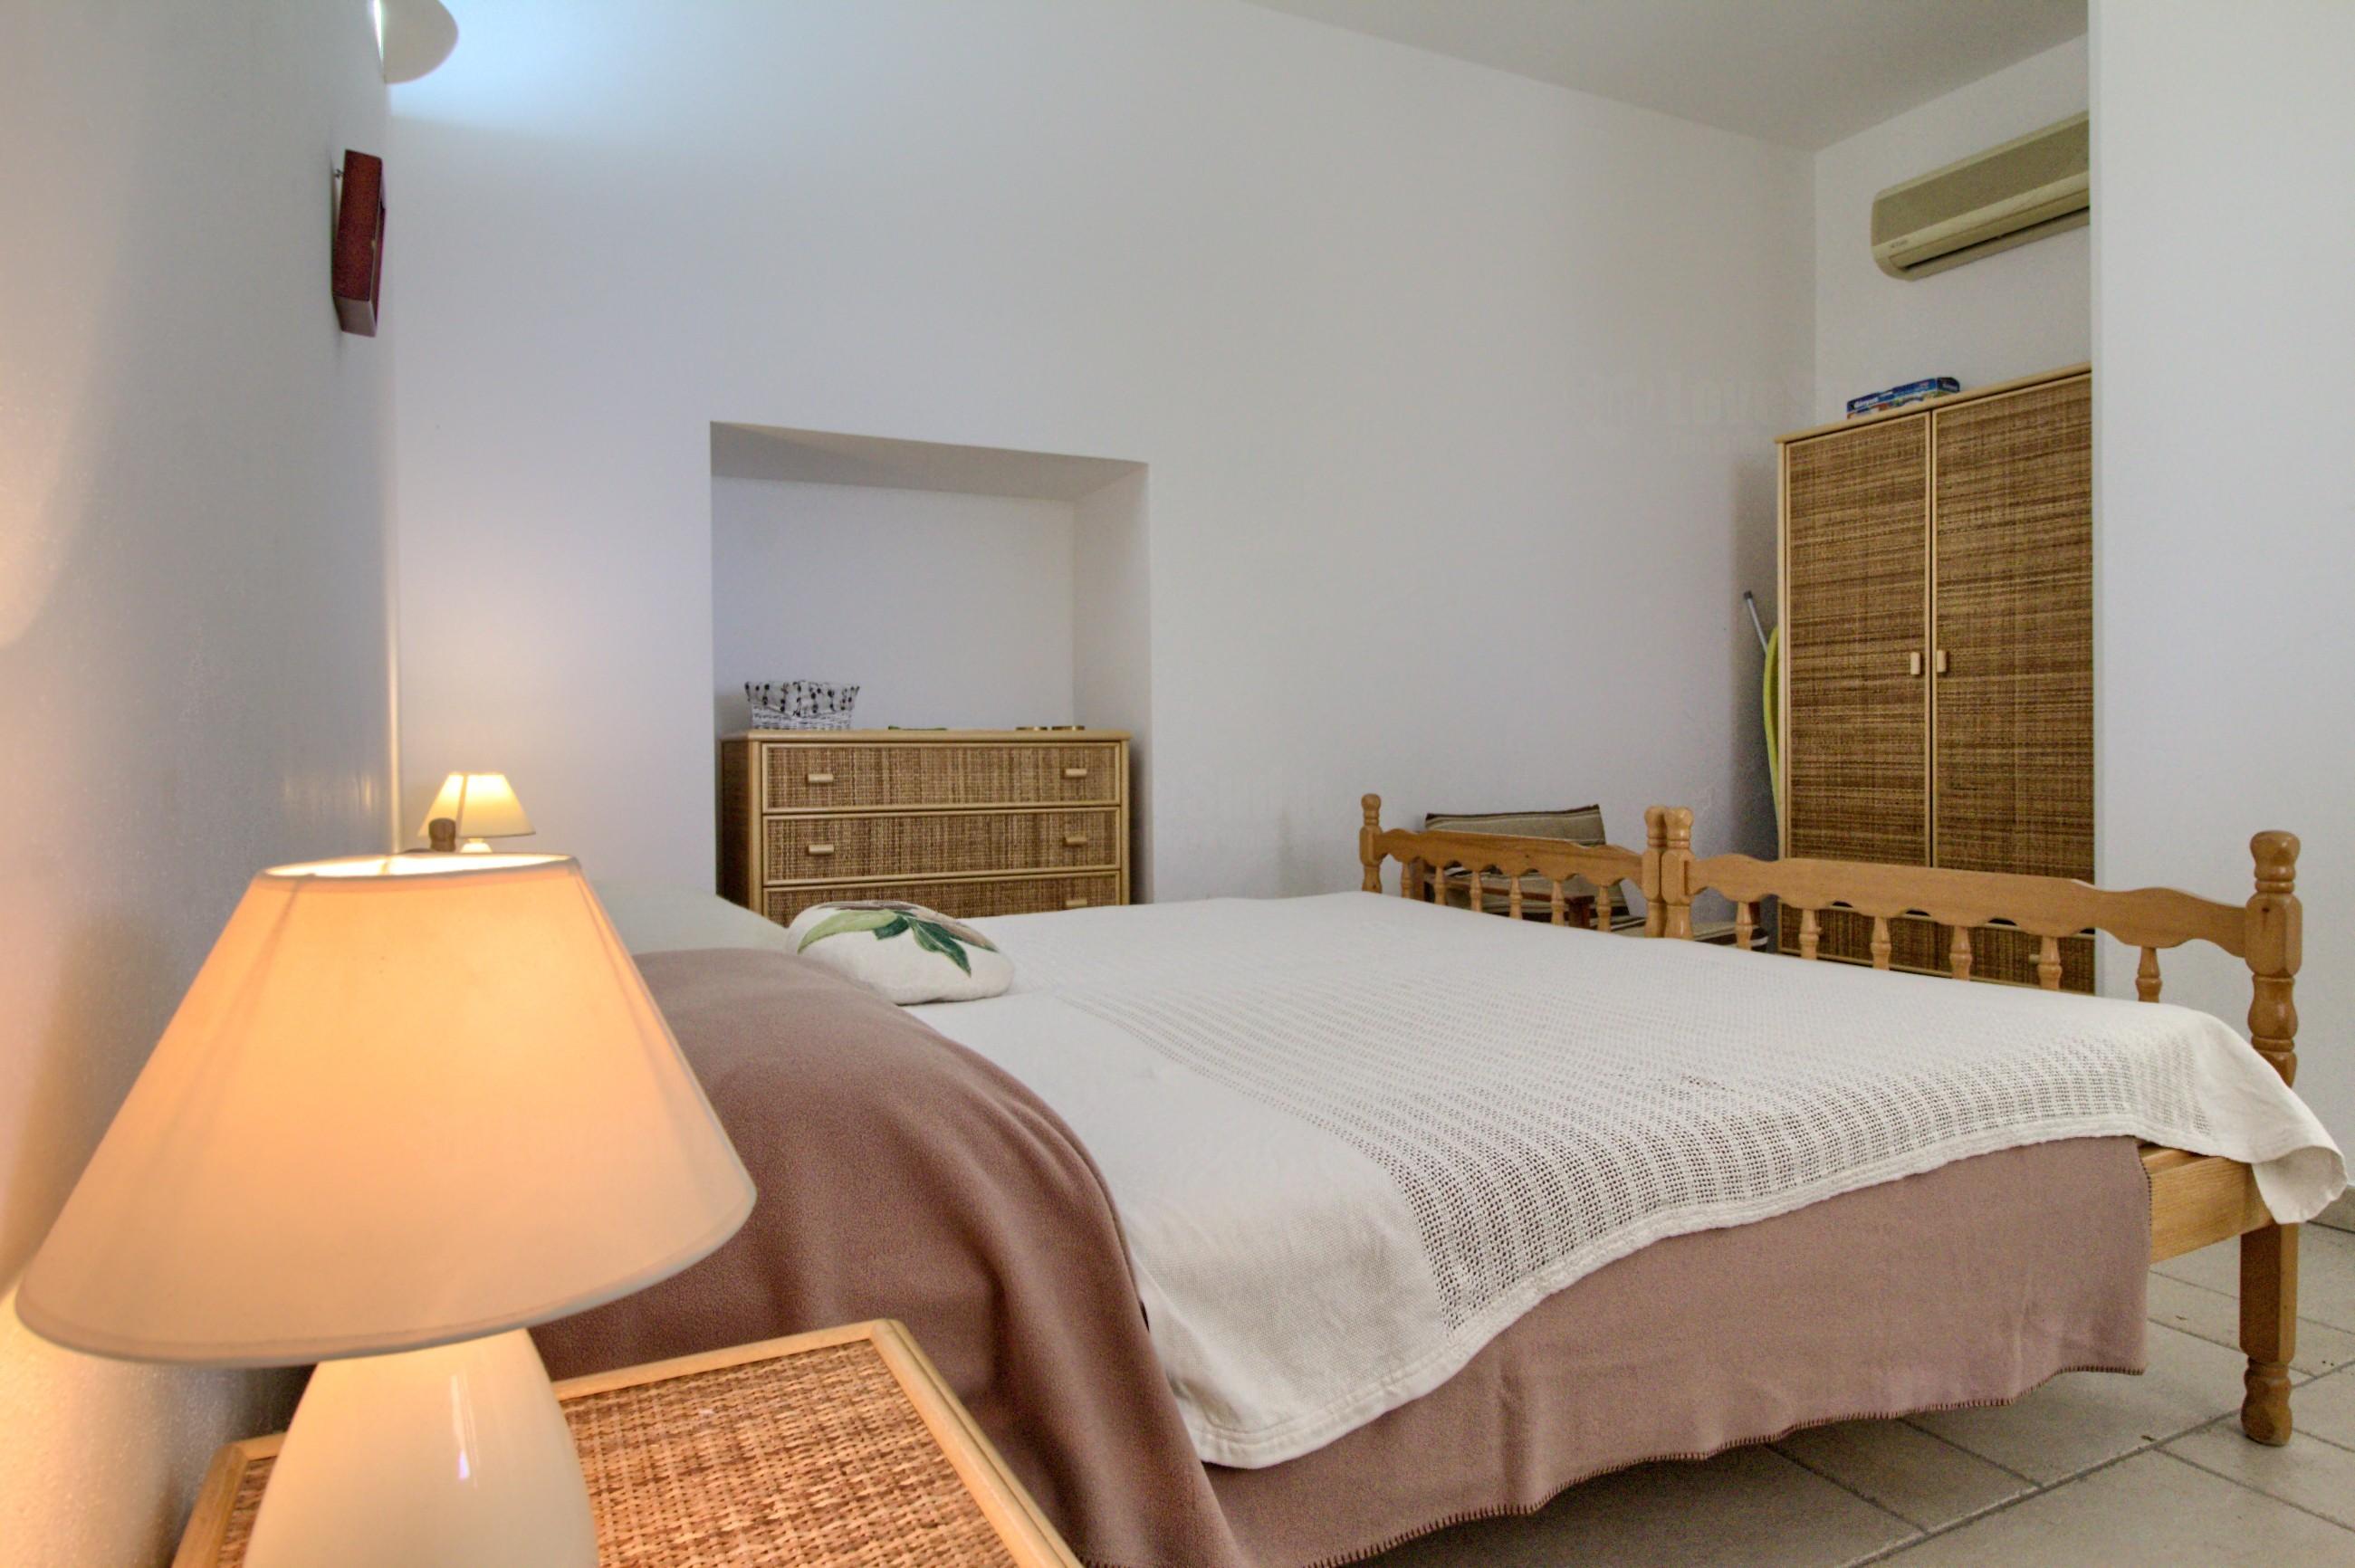 Apartment Grazia lovely seaview Pescoluse photo 20224811